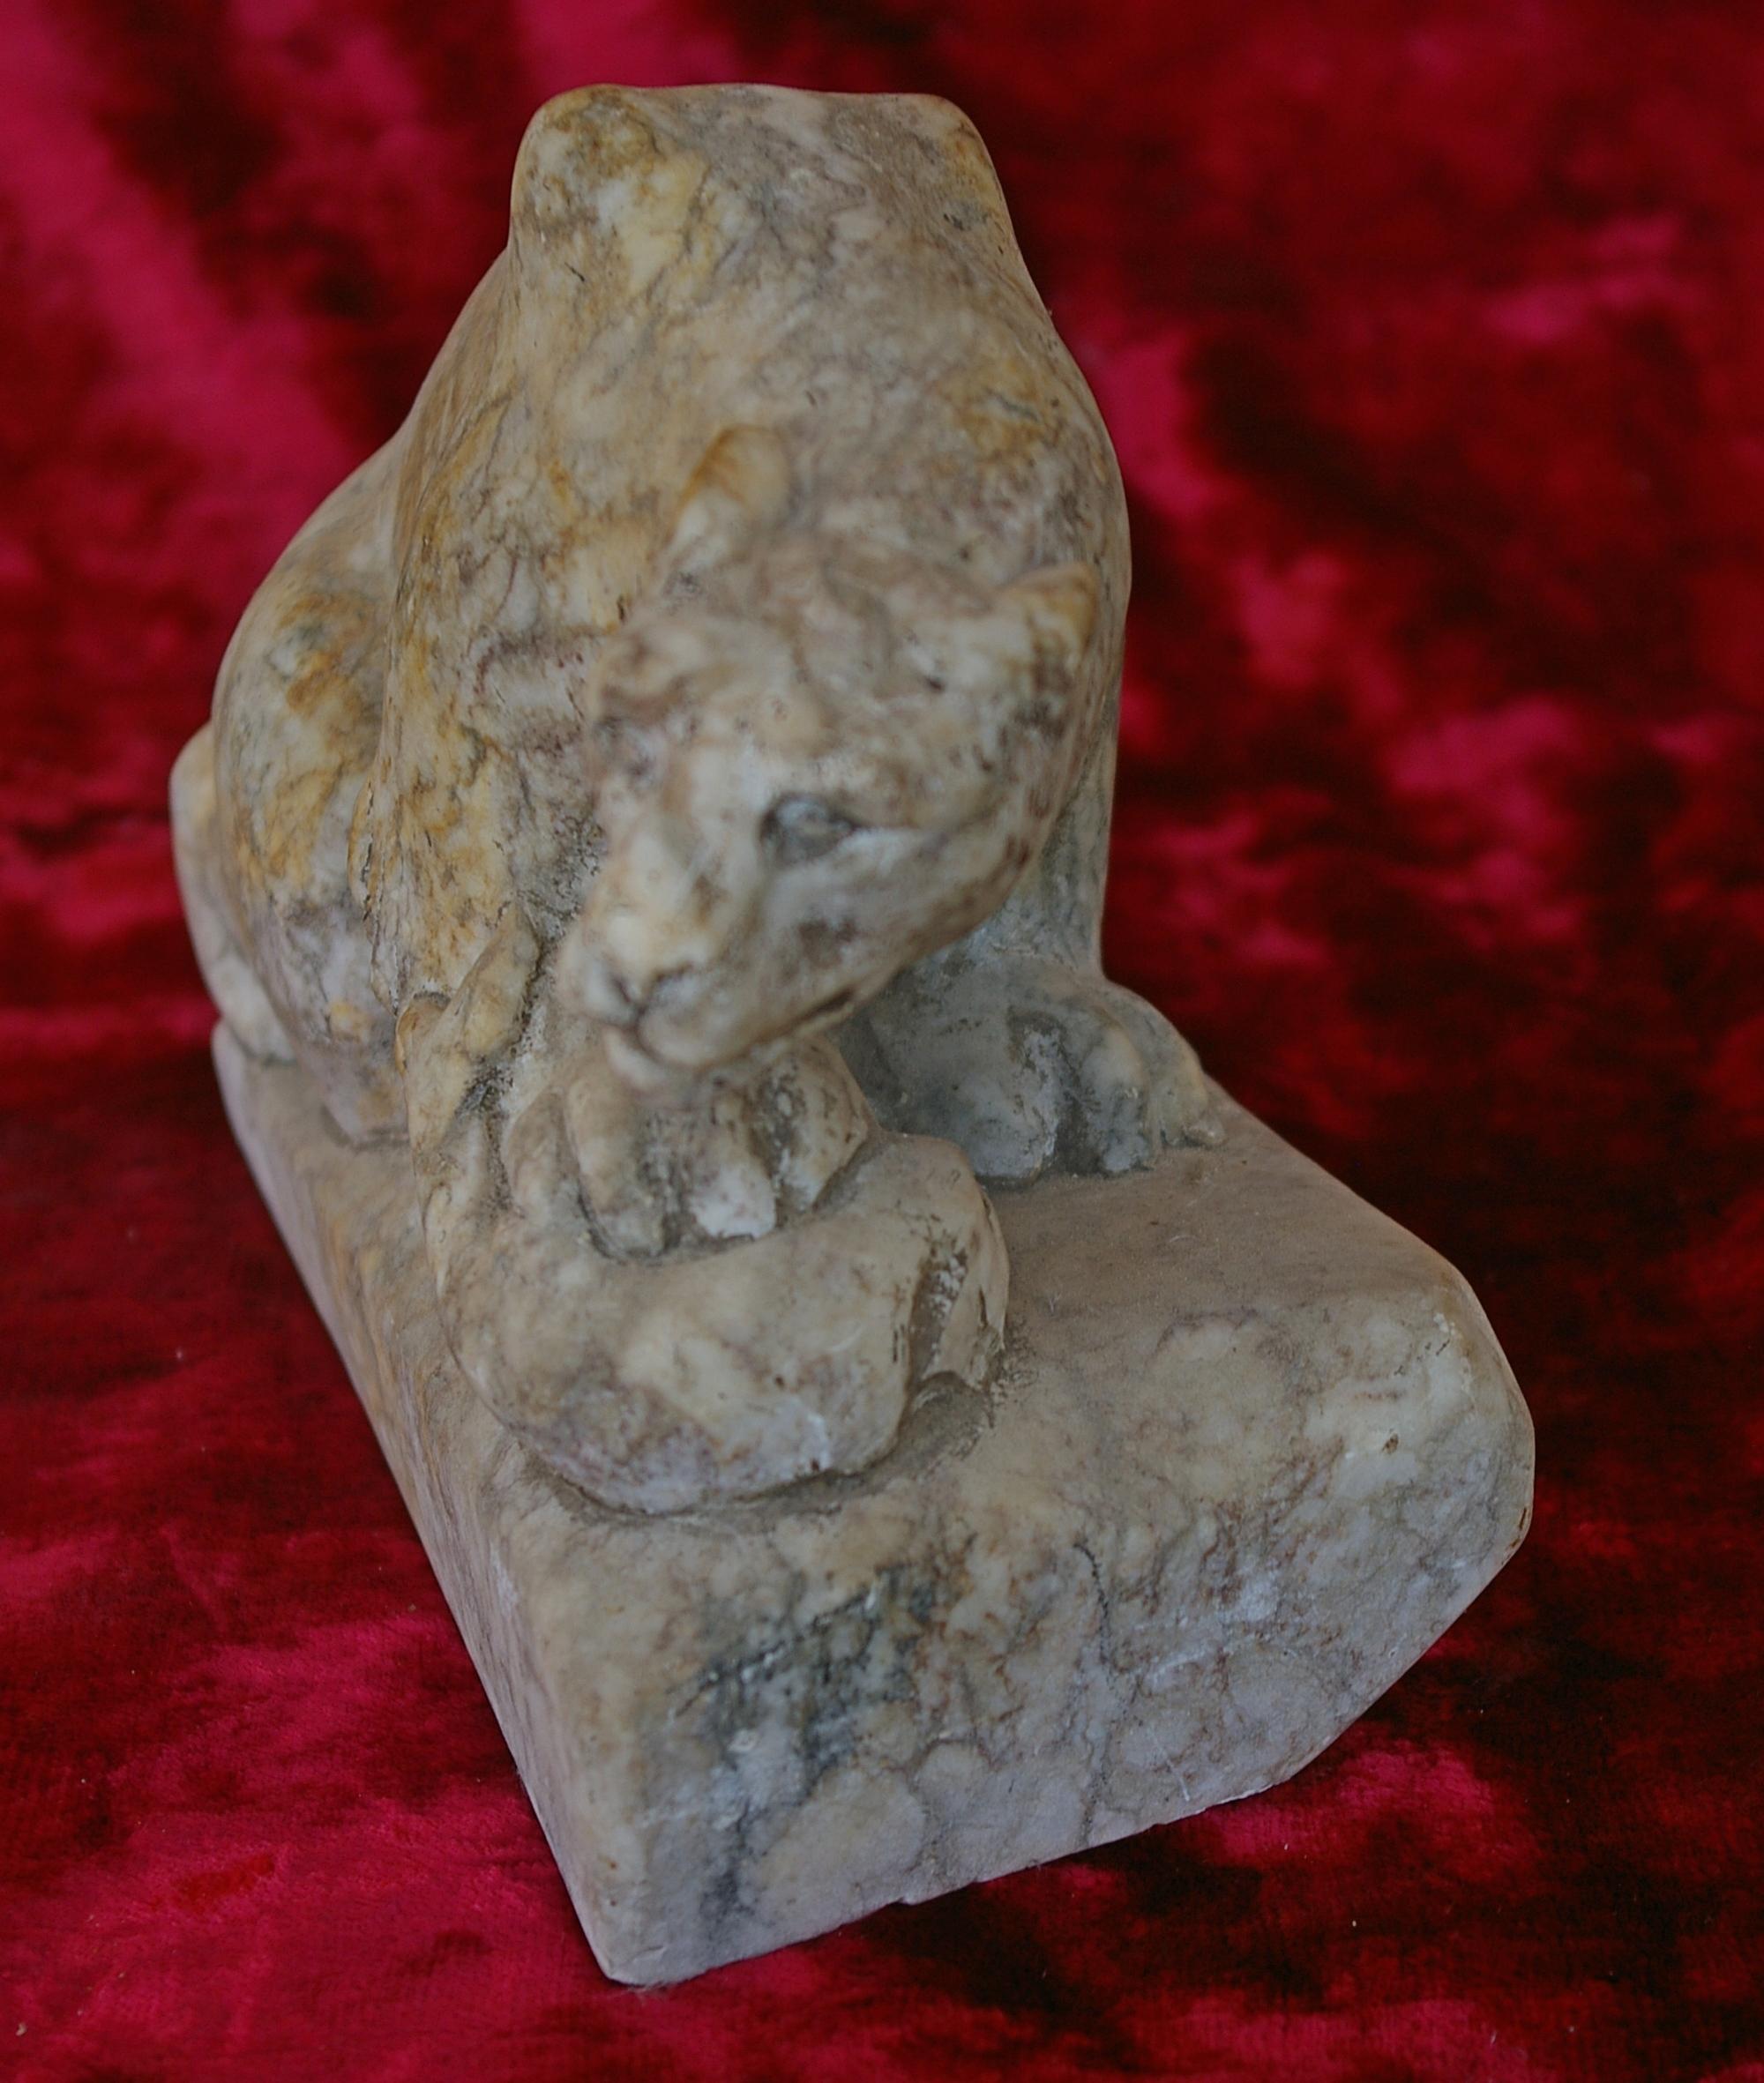 Скульптура Медведь, материал камень, высота 15 см., ширина 10 см., длина 20 см. - 1